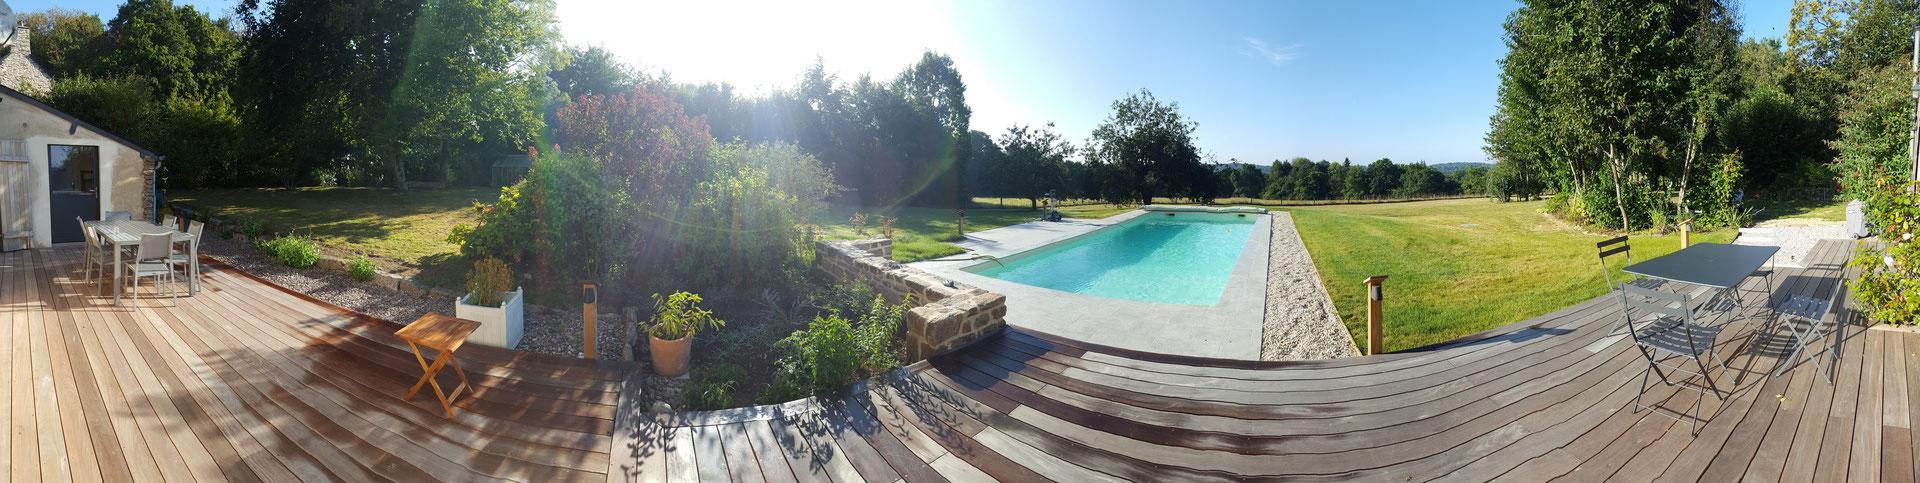 plan du site chambres d 39 h tes avec piscine chauff e rochefort en terre sud morbihan. Black Bedroom Furniture Sets. Home Design Ideas